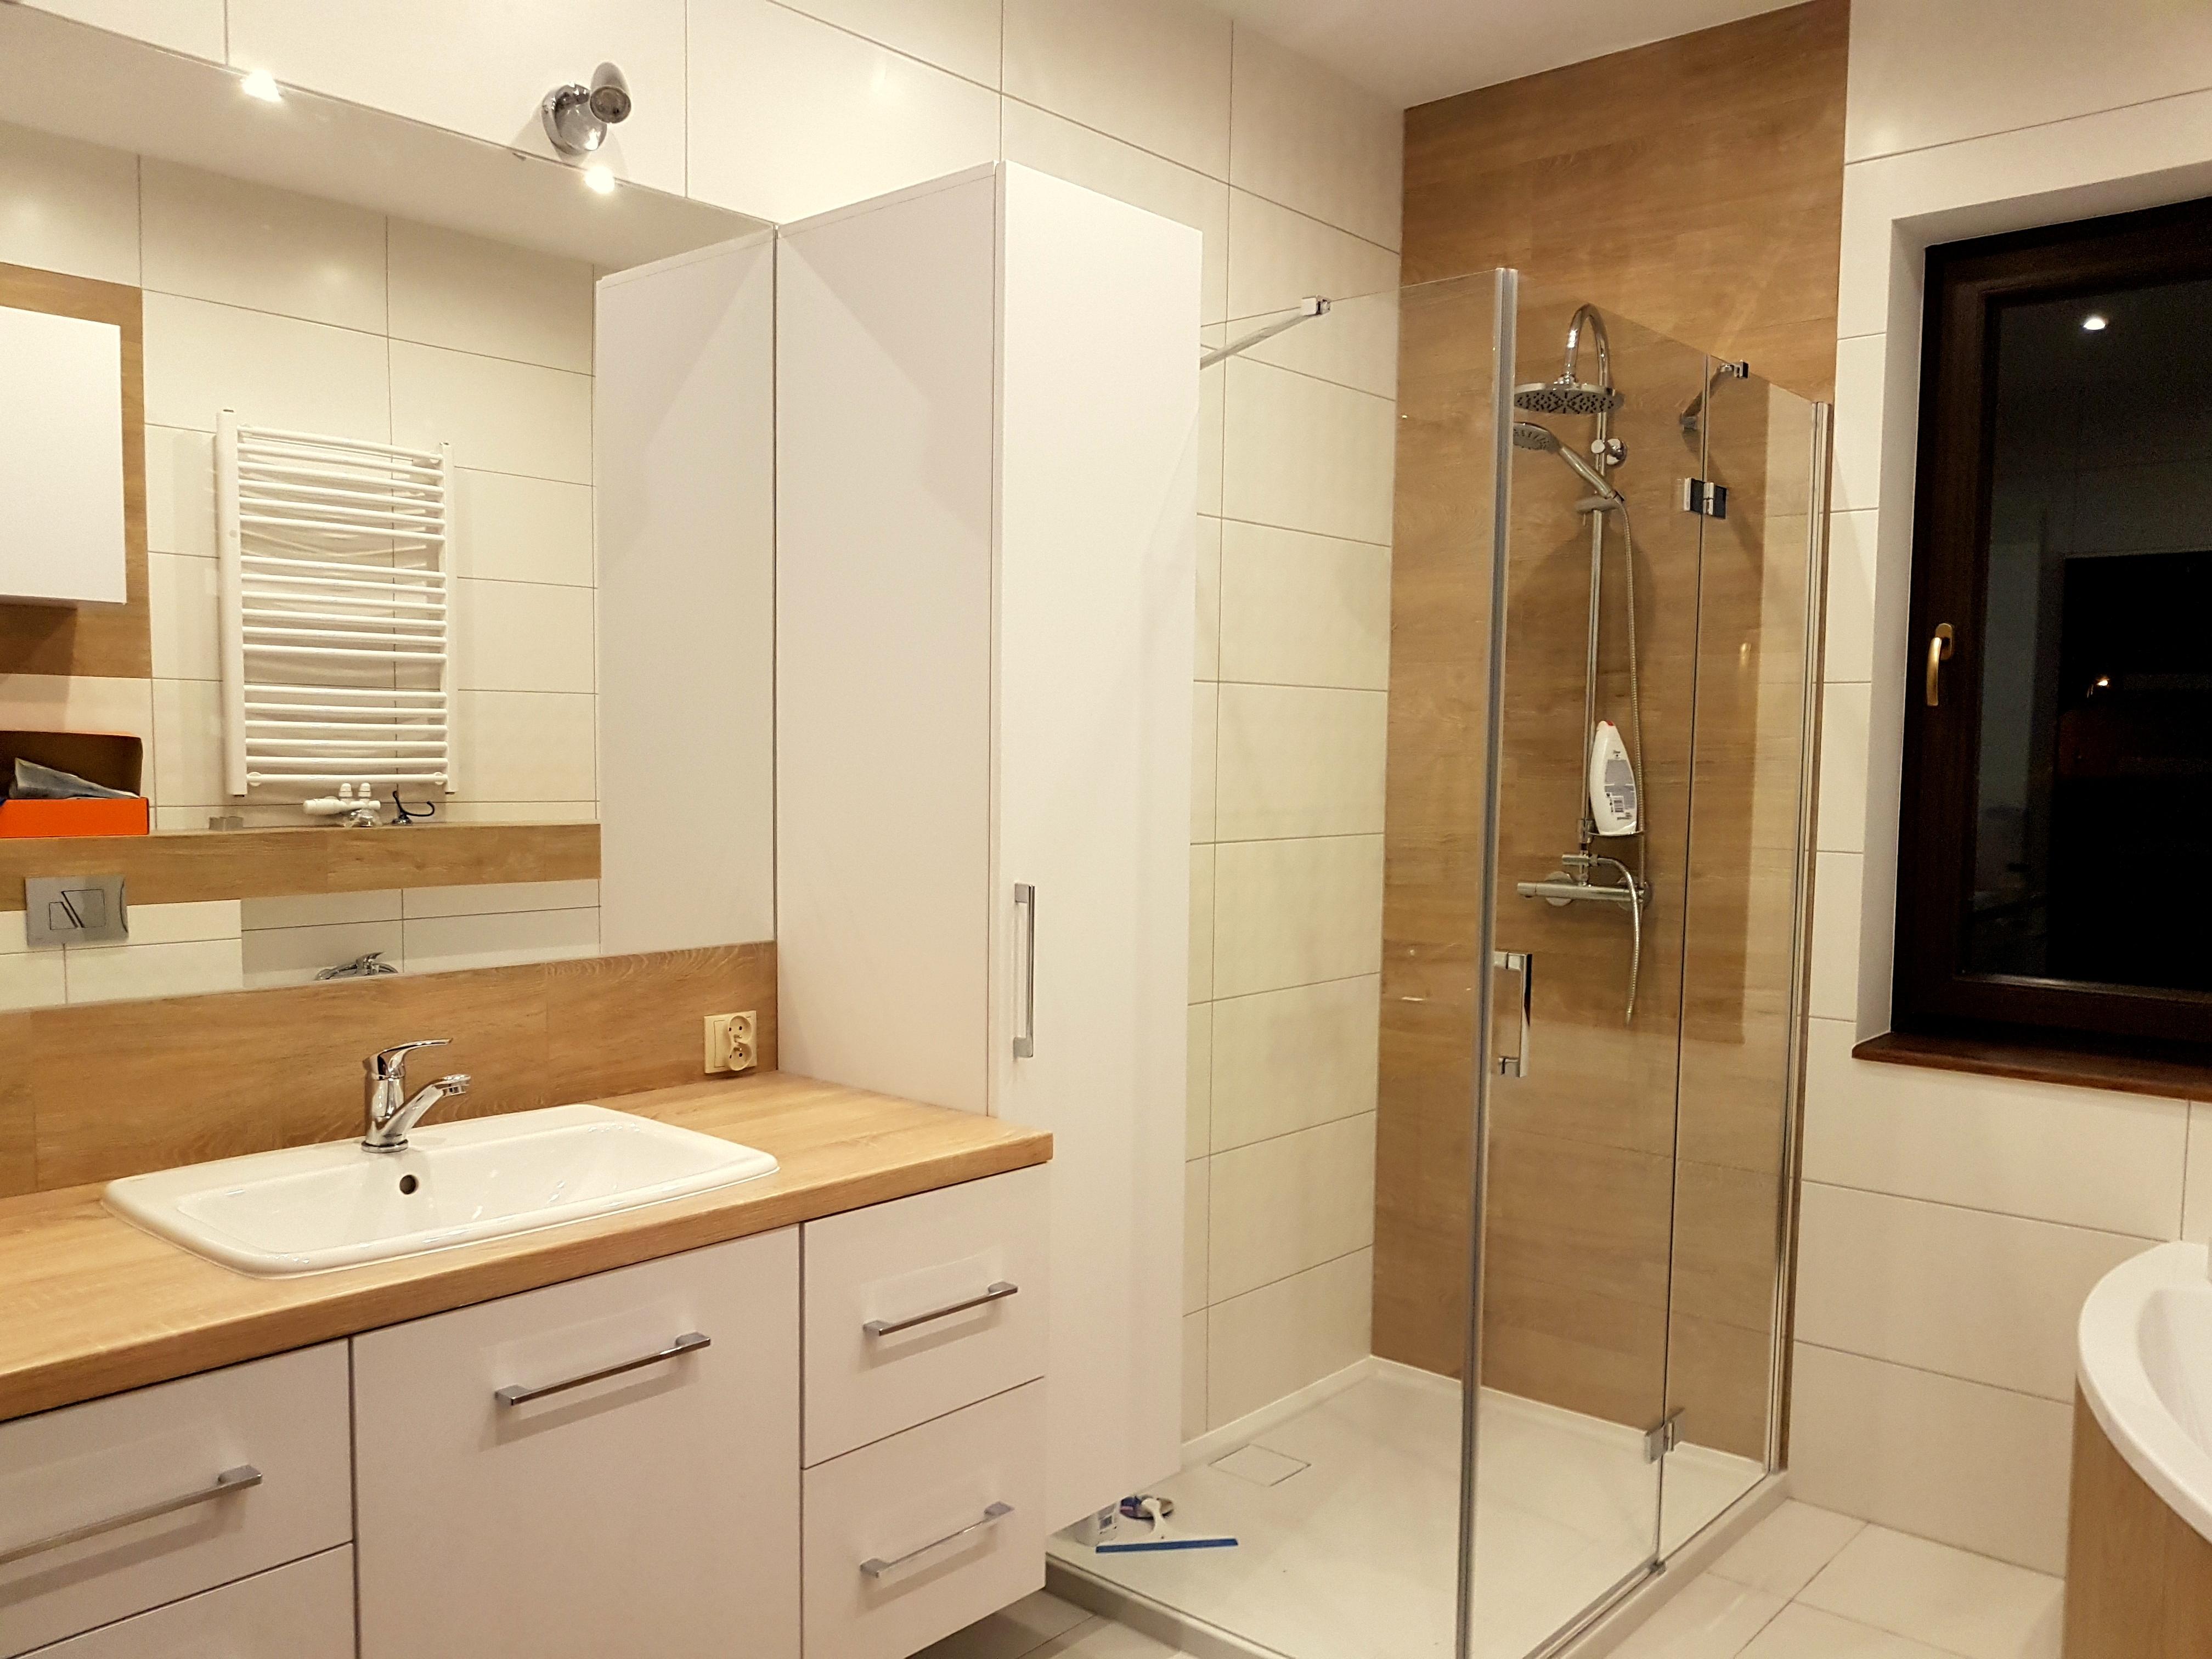 Mojabudowapl Wpis Więcej Zdjęć łazienki Dla Blogowicza Home5